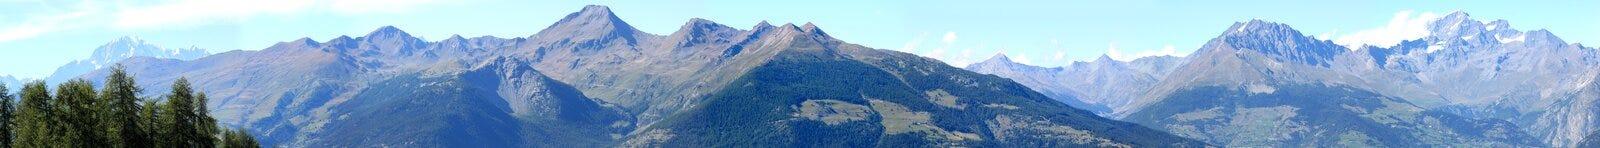 park för paradiso för granitaly berg nationell Royaltyfri Bild